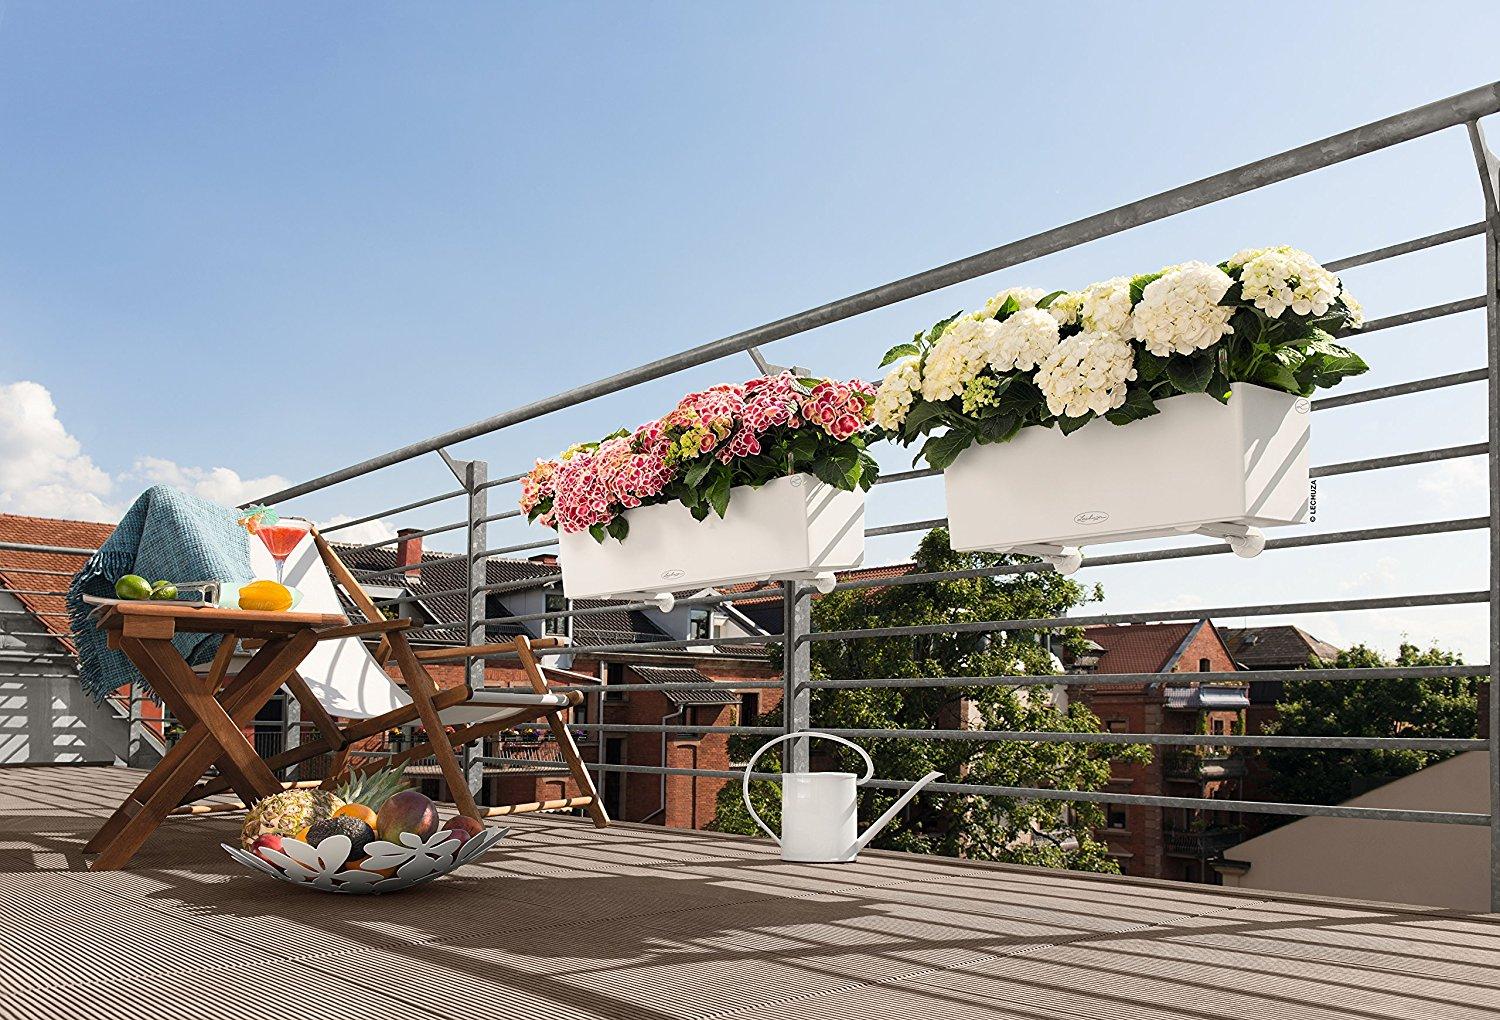 Кашпо lechuza balconera color 80 - купить на официальном сай.